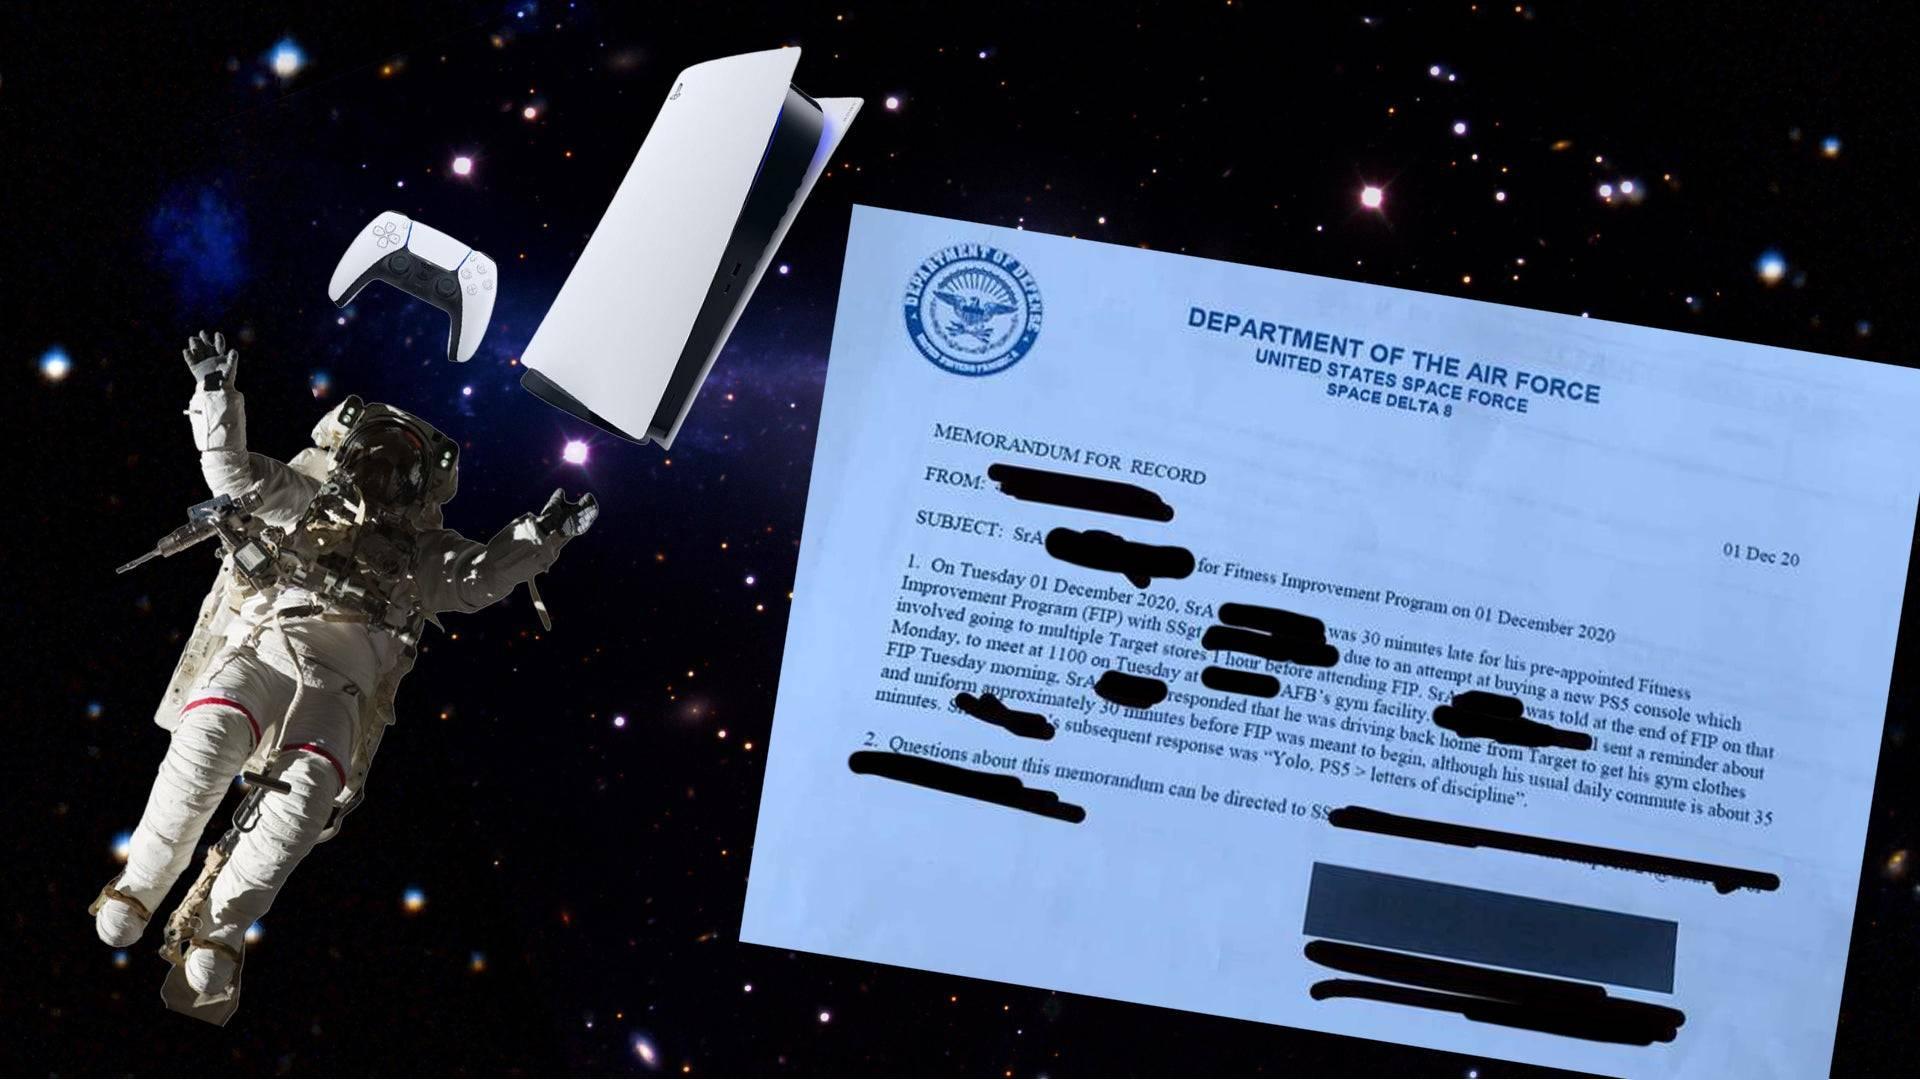 Memorándum de la Fuerza Espacial al piloto por la compra del PlayStation 5.